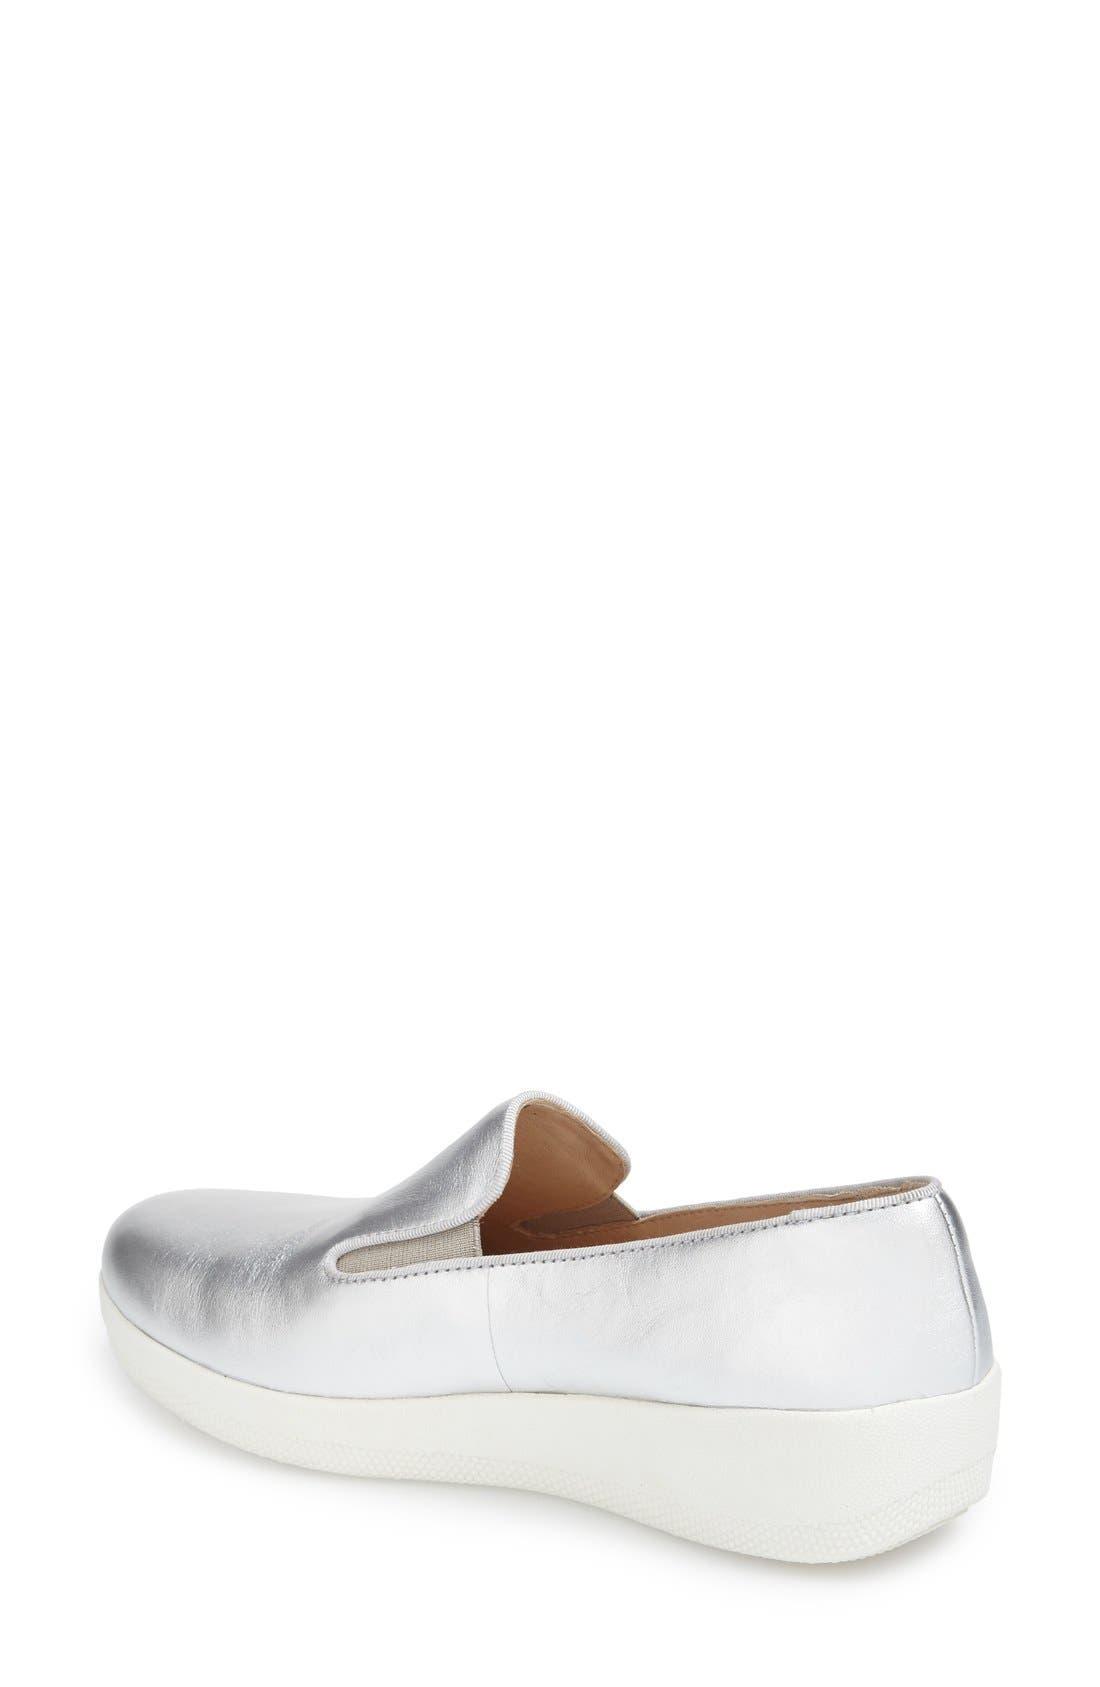 Superskate Slip-On Sneaker,                             Alternate thumbnail 27, color,